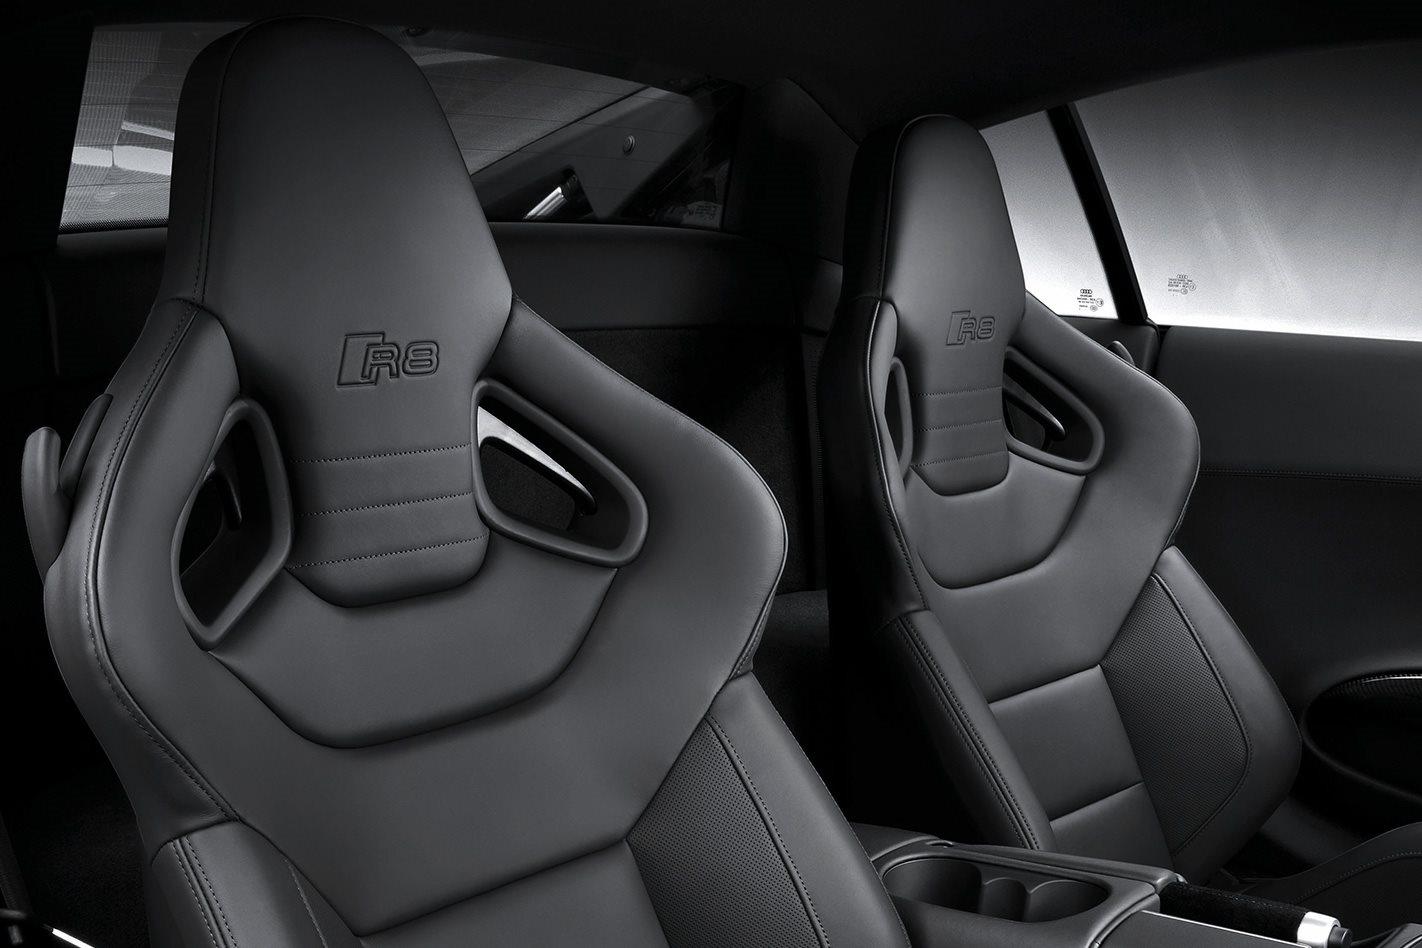 2013-Audi-R8-V10-Plus-seats.jpg